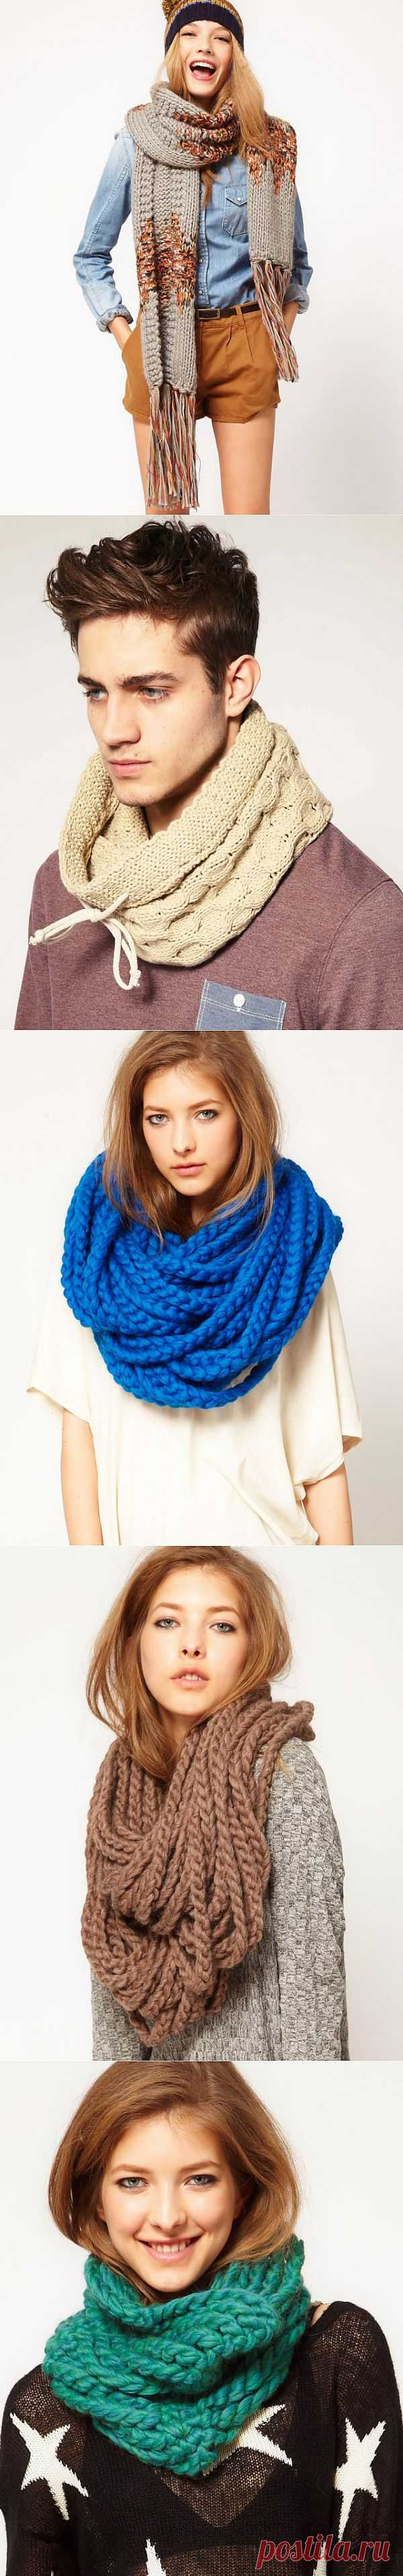 Утеплимся? Идеи для шарфов / Шарфы / Модный сайт о стильной переделке одежды и интерьера